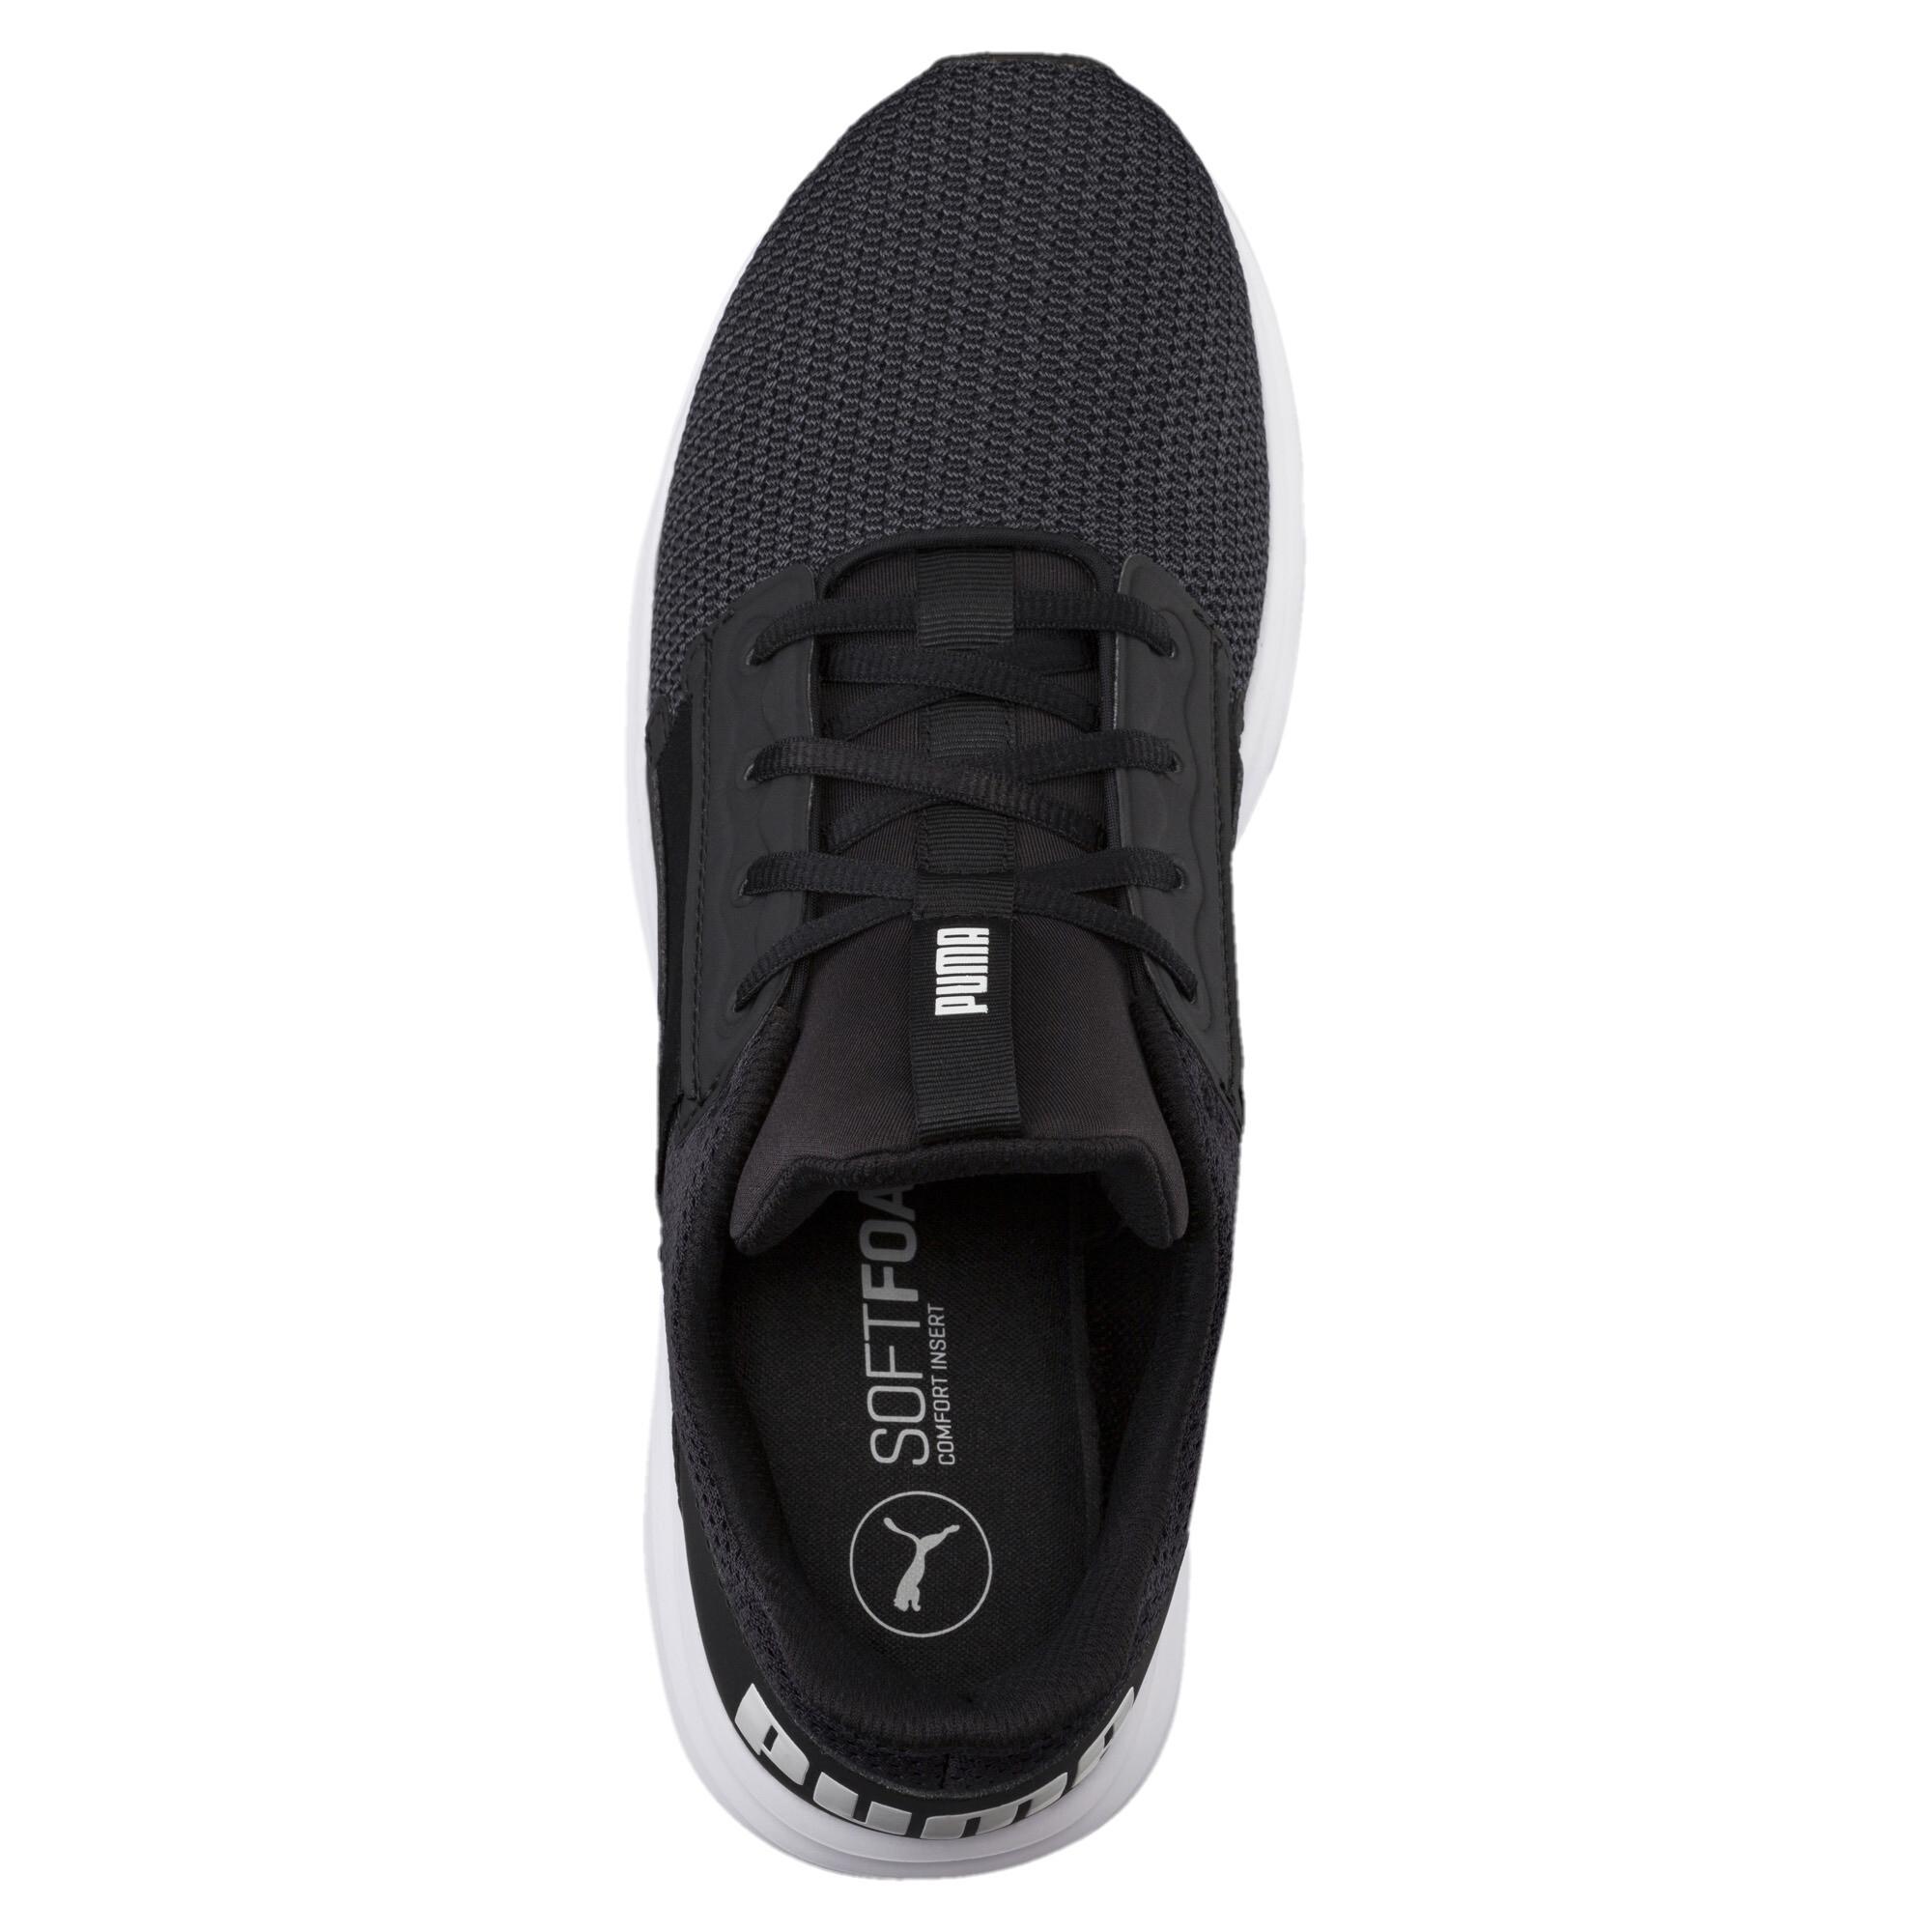 PUMA ENZO STREET Herren Laufschuhe Männer Schuhe Laufen Neu